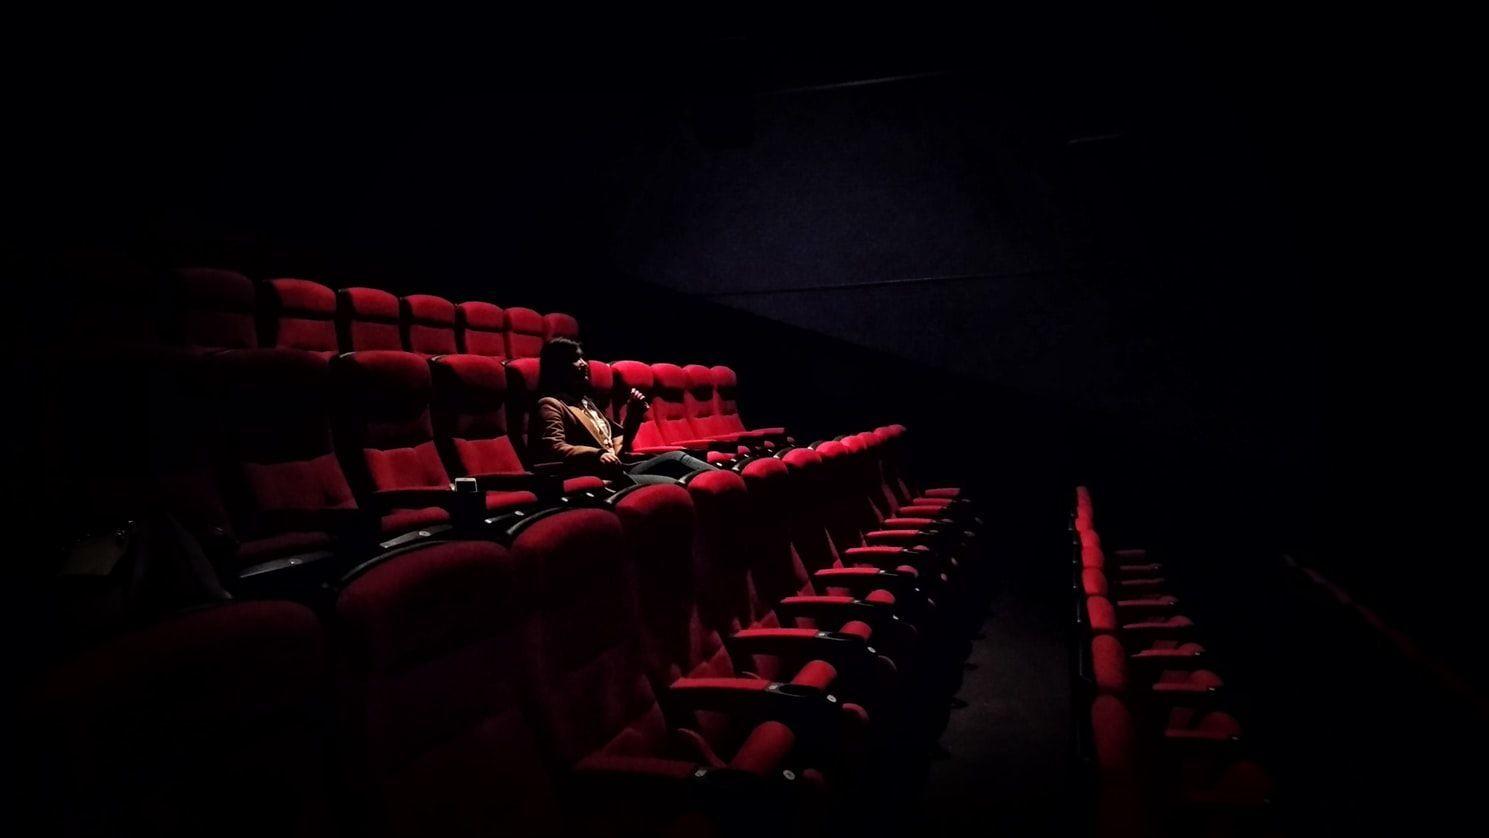 Belajar dari Syahrini, Ini Etika di Bioskop yang Sering Terlupakan